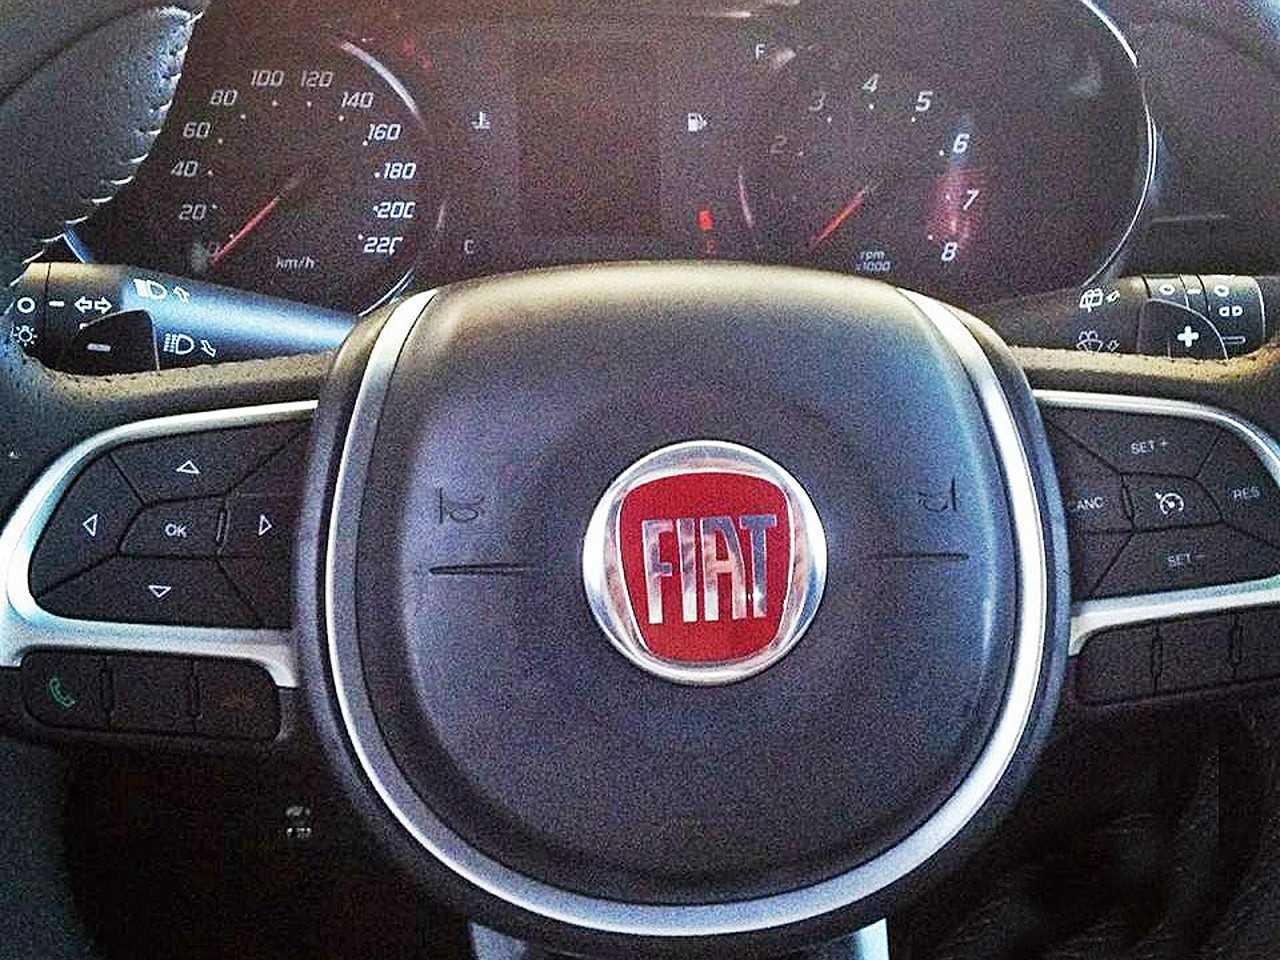 Suposto painel de instrumentos e volante do Fiat X6H, sucessor do Punto e do Bravo